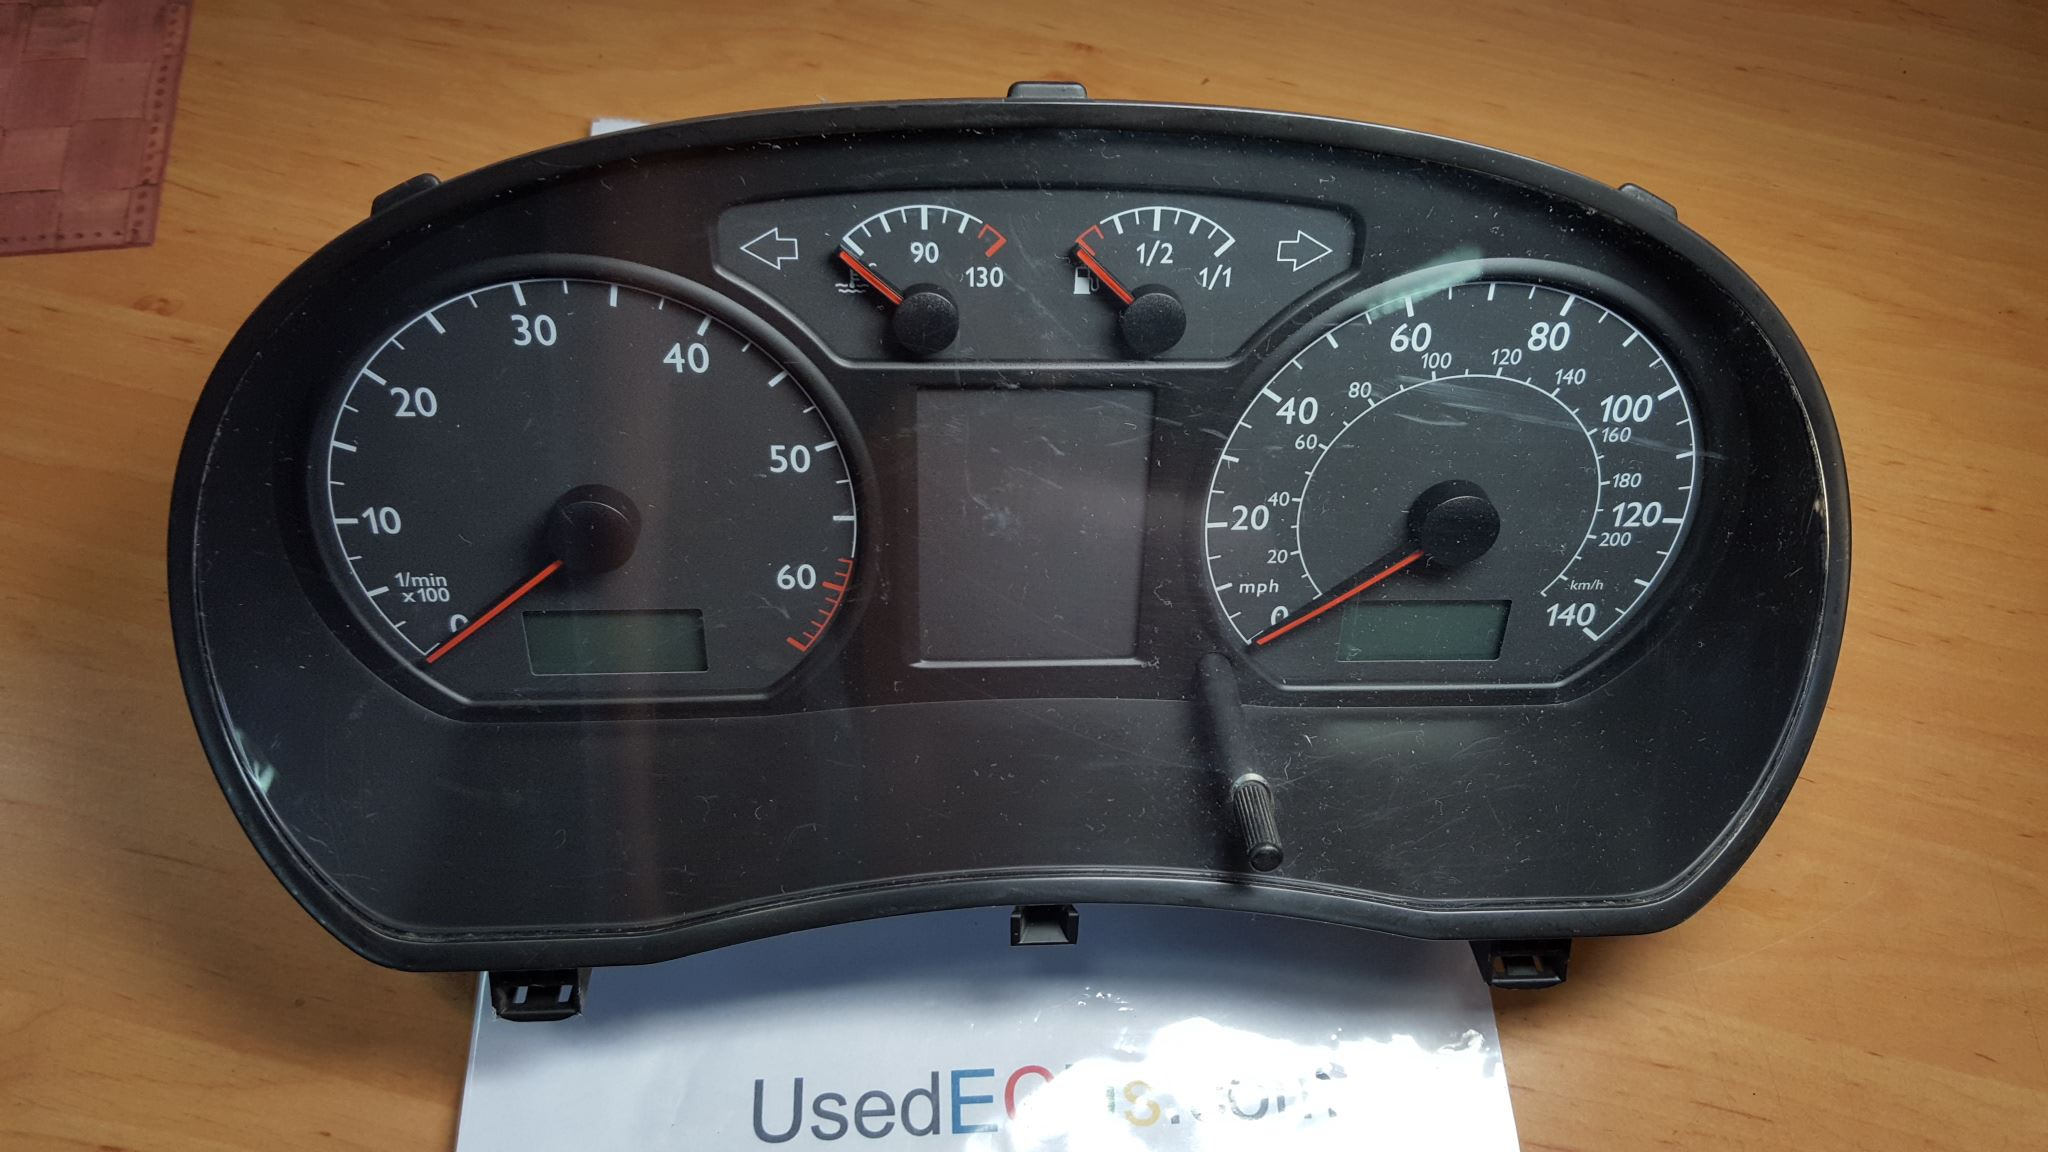 VW Volkswagen Polo, Speedo, Speedometer, Instrument Cluster, VDO